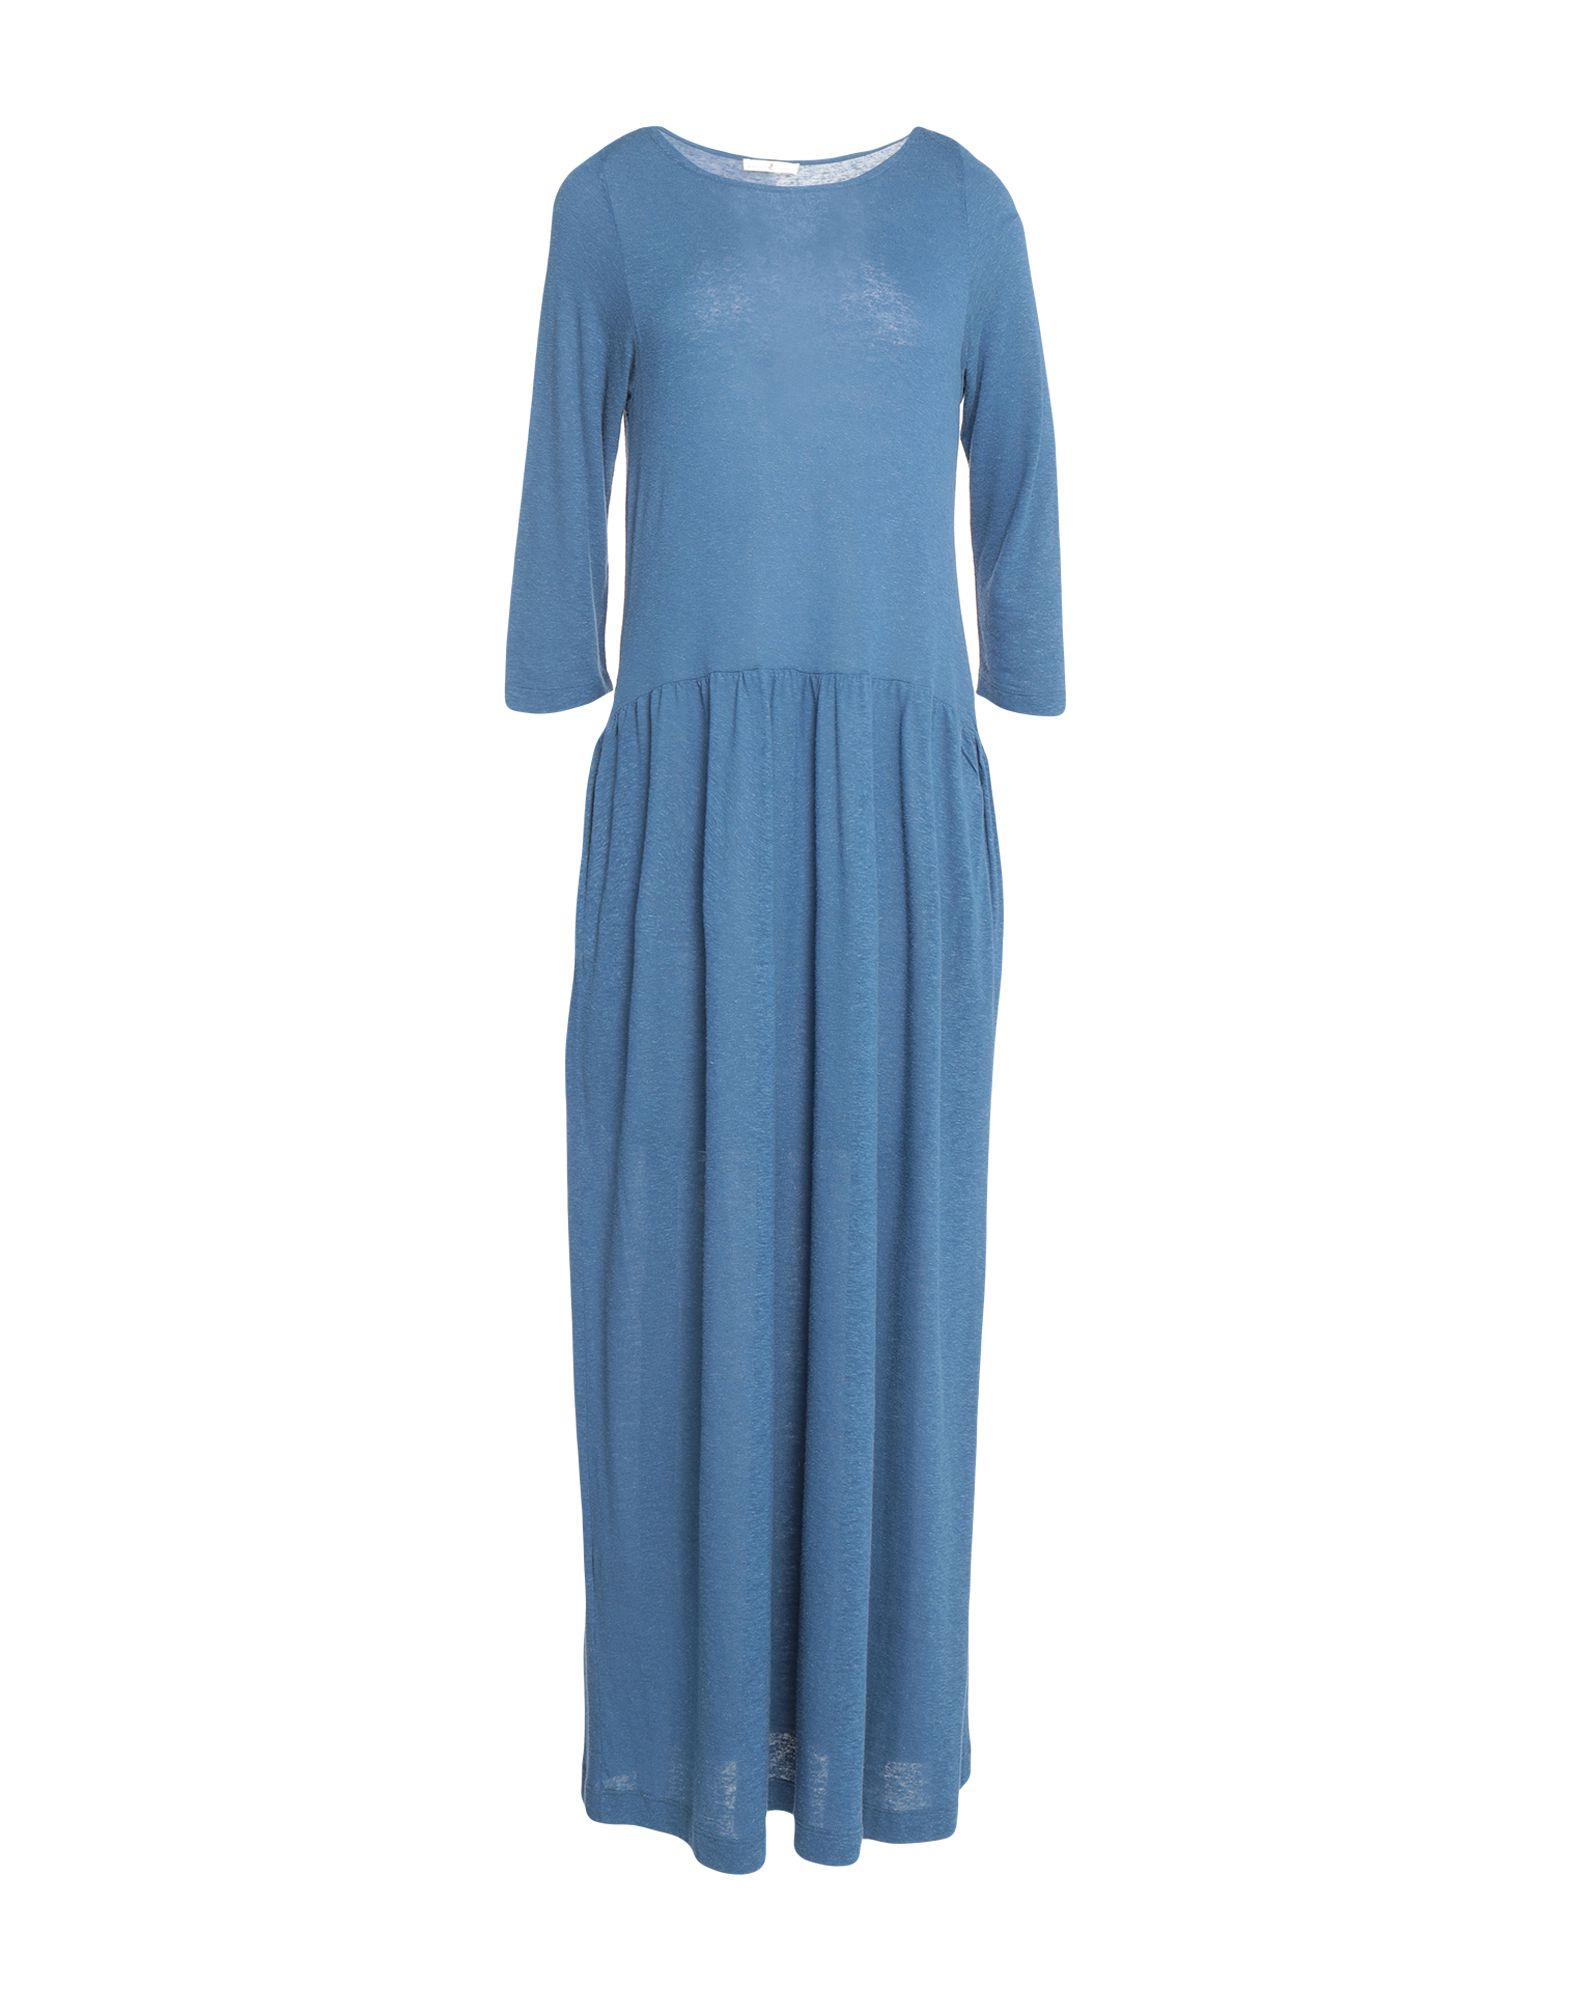 Фото - WHYCI Платье длиной 3/4 whyci платье до колена